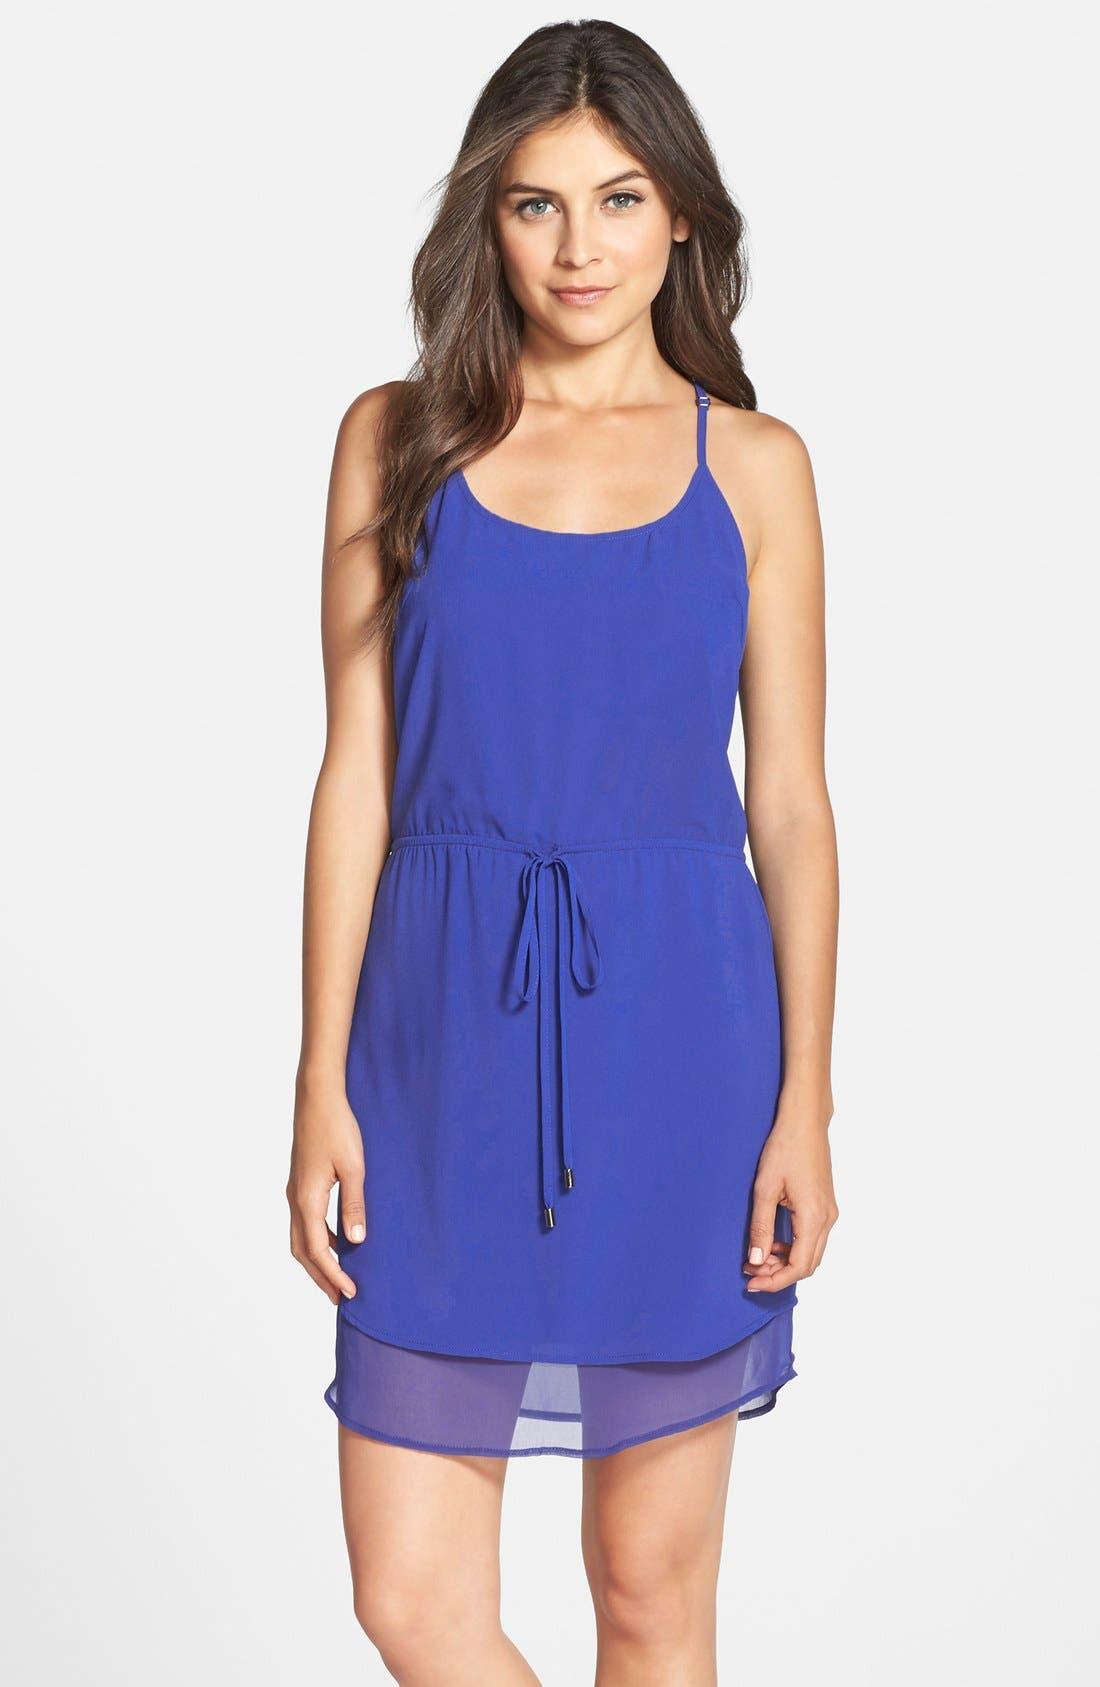 Main Image - Adelyn Rae Layered Drawstring Chiffon Dress